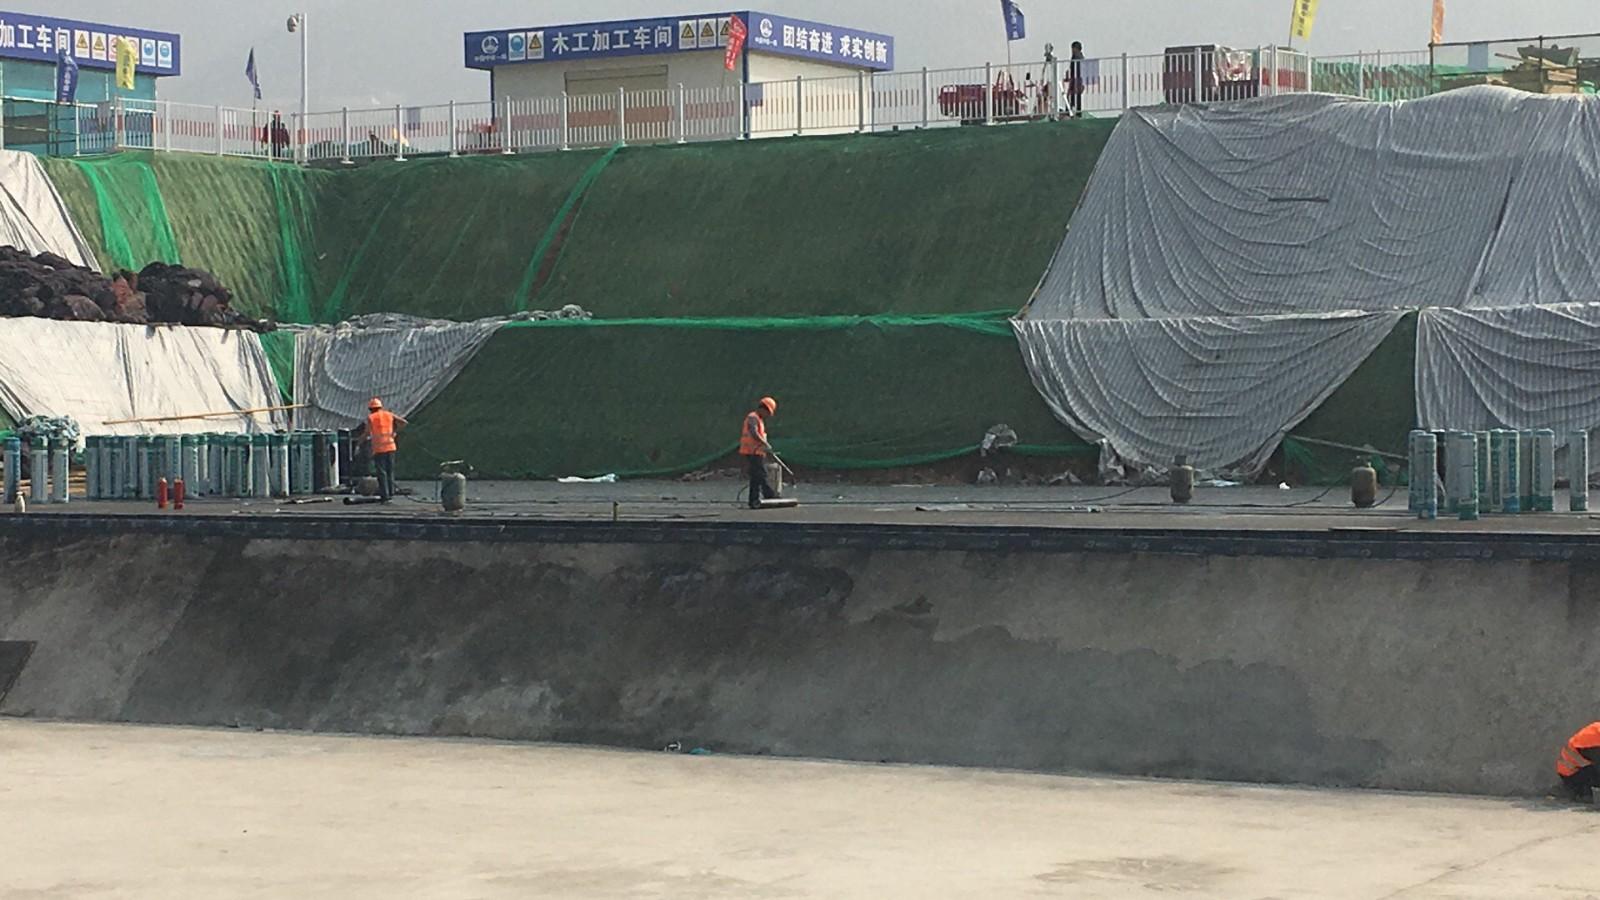 西安地铁九号线TJSG1标 工程案例-陕西宏图建筑防水工程有限公司